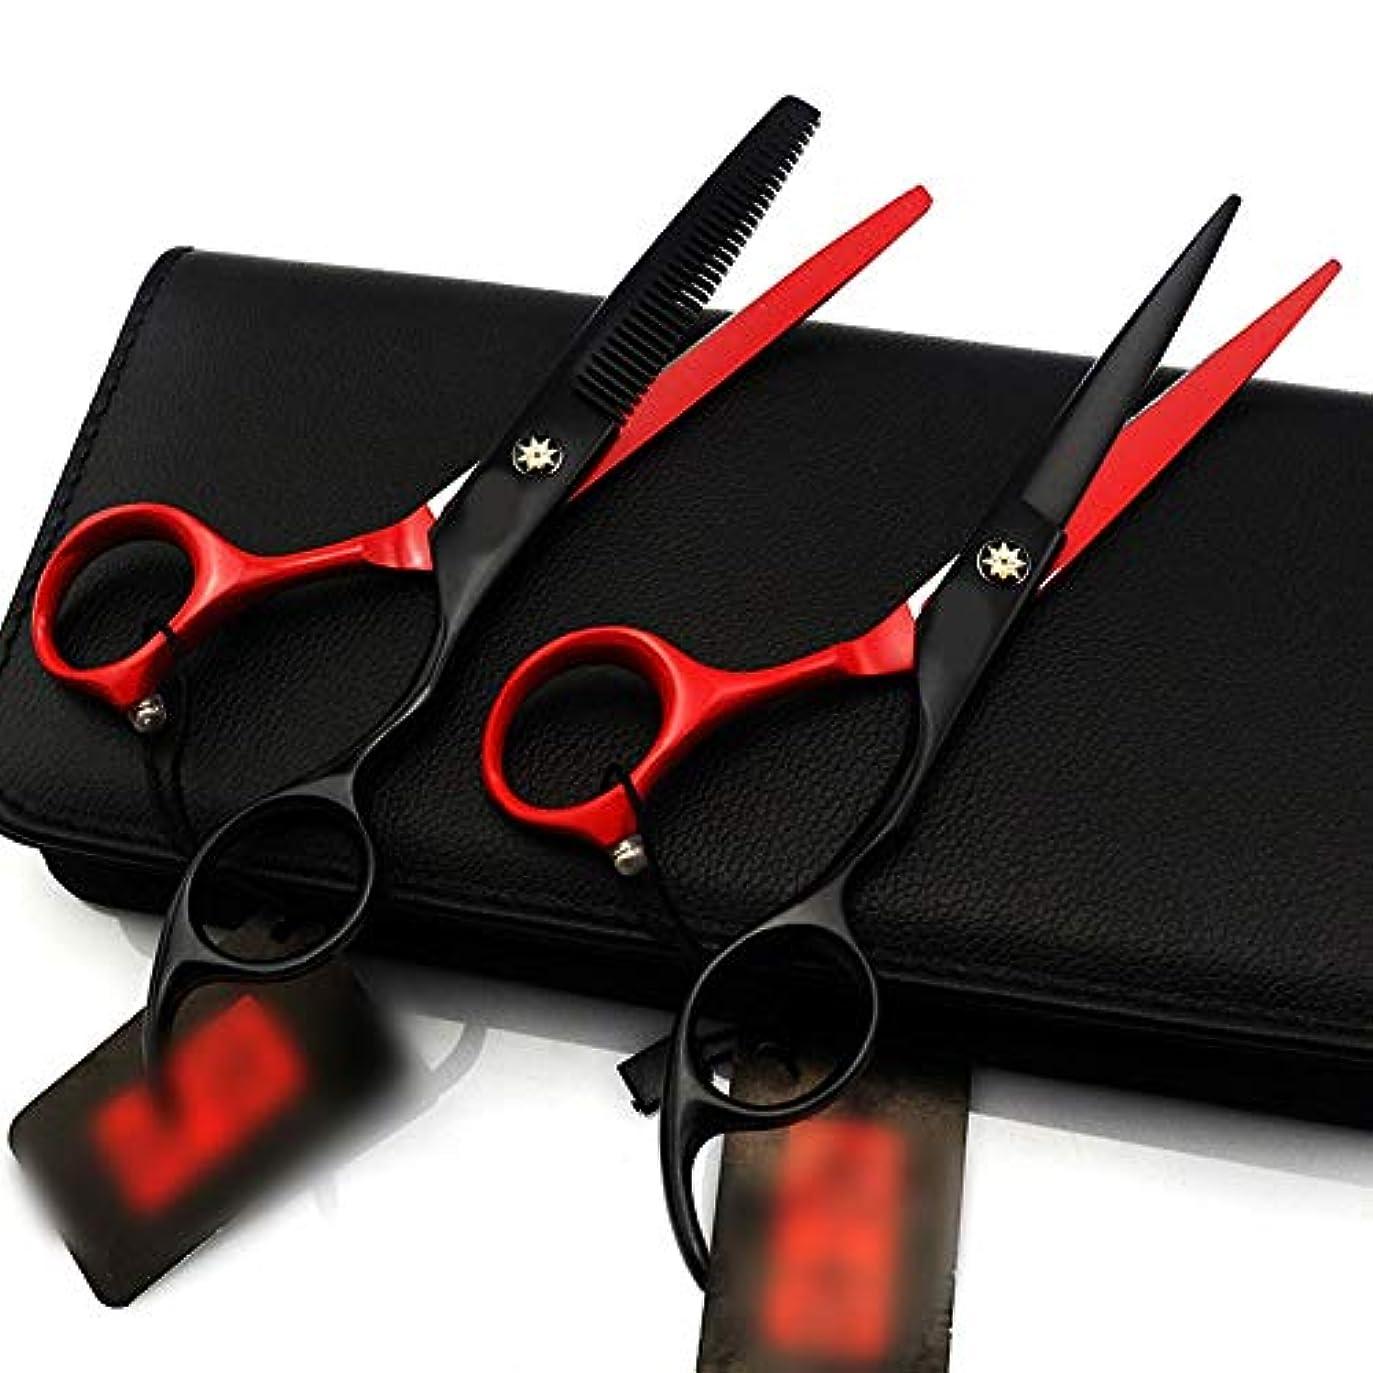 リスタンパク質起こりやすいWASAIO 6インチの設定Savourless +歯黒赤理髪ヘアカットはさみはさみキット専門の理容サロンレイザーエッジツールを薄くパーソナリティトリミングアクセサリー (色 : Black red)